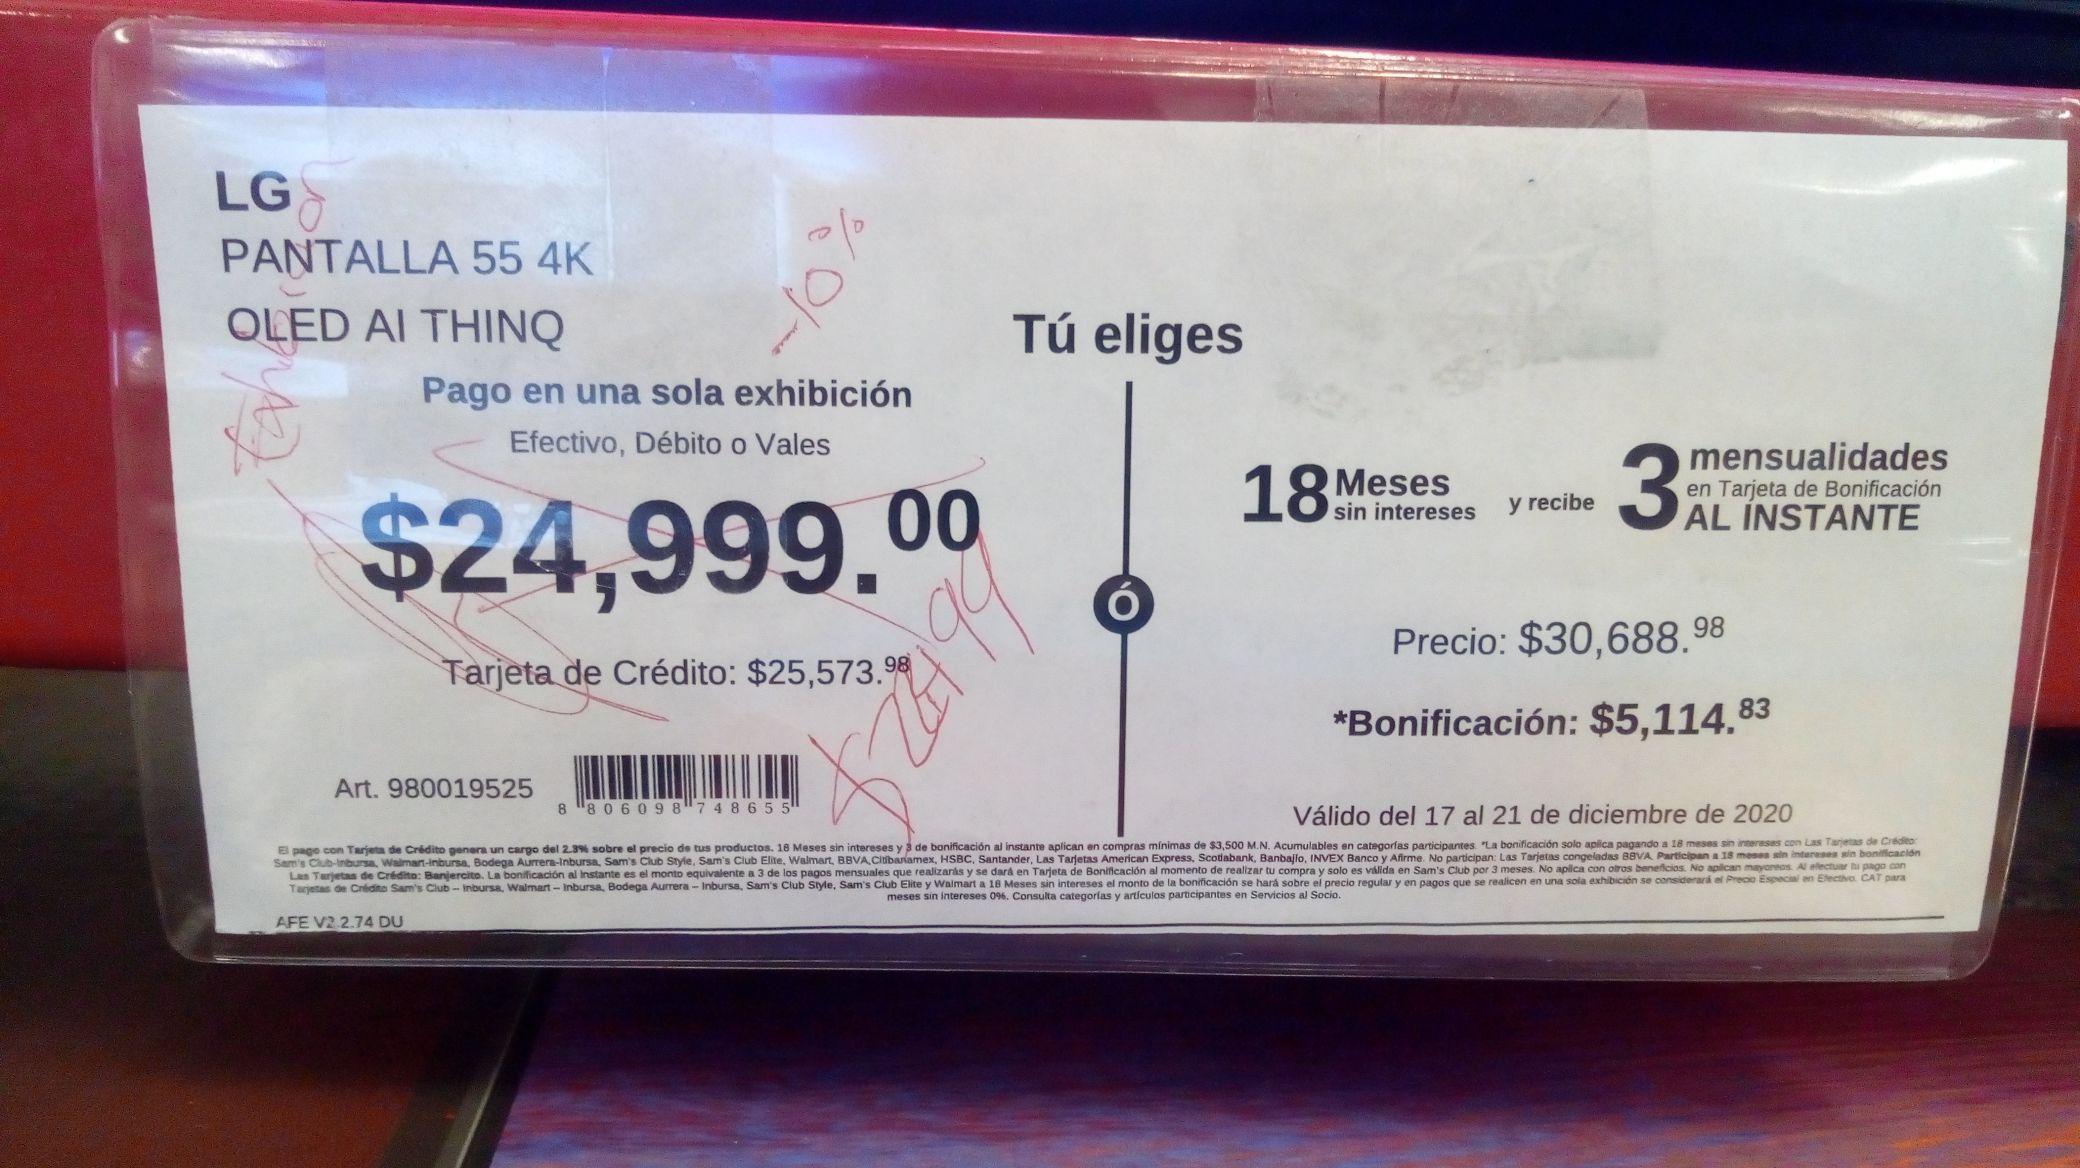 """Sams Club: LG OLED 55"""" precio por ser de exhibición"""